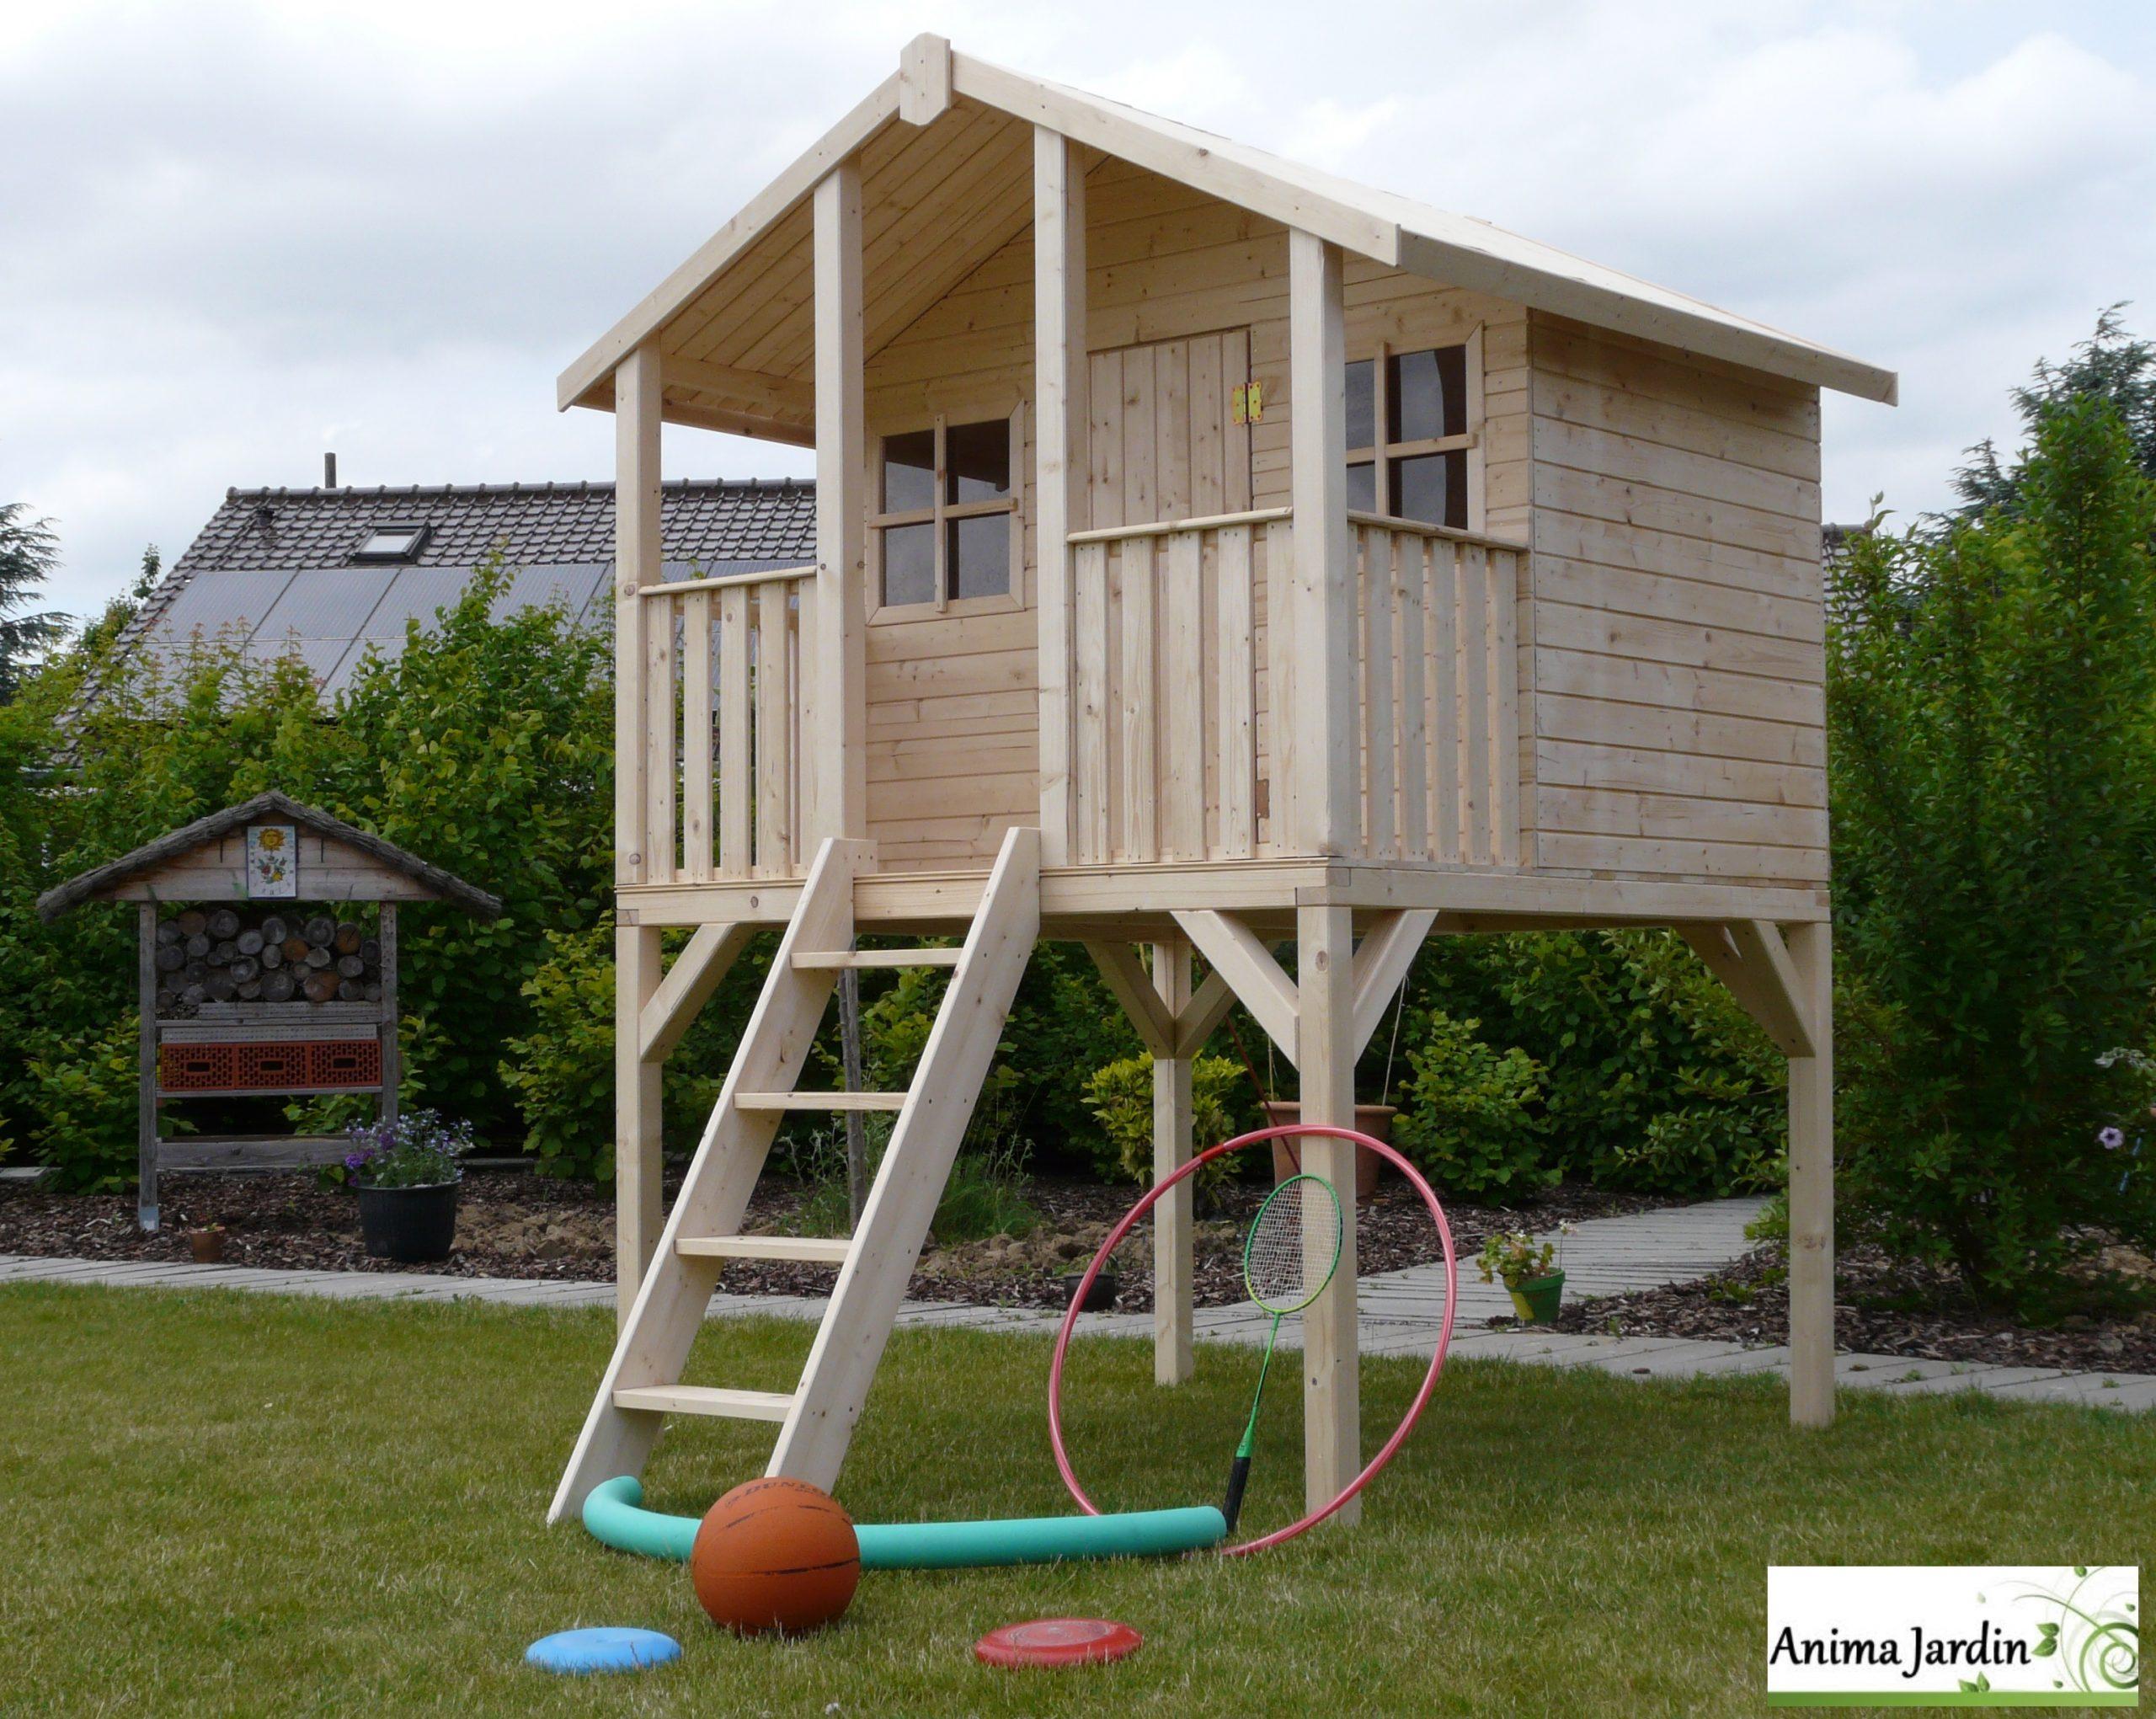 Cabane En Bois Surélevée Sur Pilotis, 3M², Toit Deux Pentes ... concernant Maison De Jardin Pour Enfant